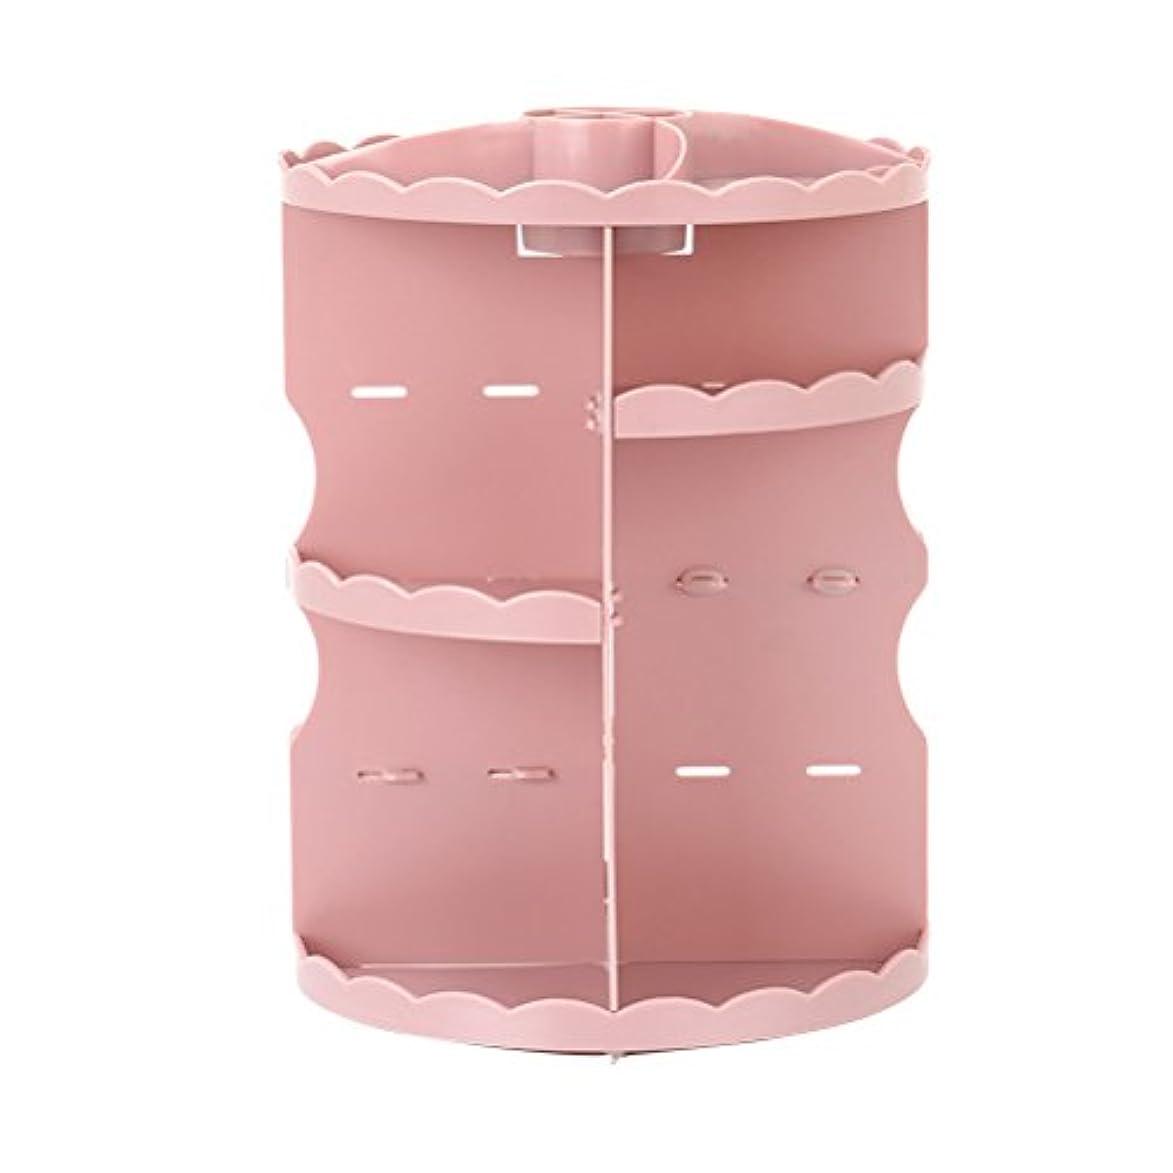 編集する試み白鳥OUNONA 化粧品棚 メイクボックス コスメ収納 化粧収納 化粧入れ 360度回転式 大容量 卓上 浴室 台所 収納棚 回転化粧ラック(ピンク)